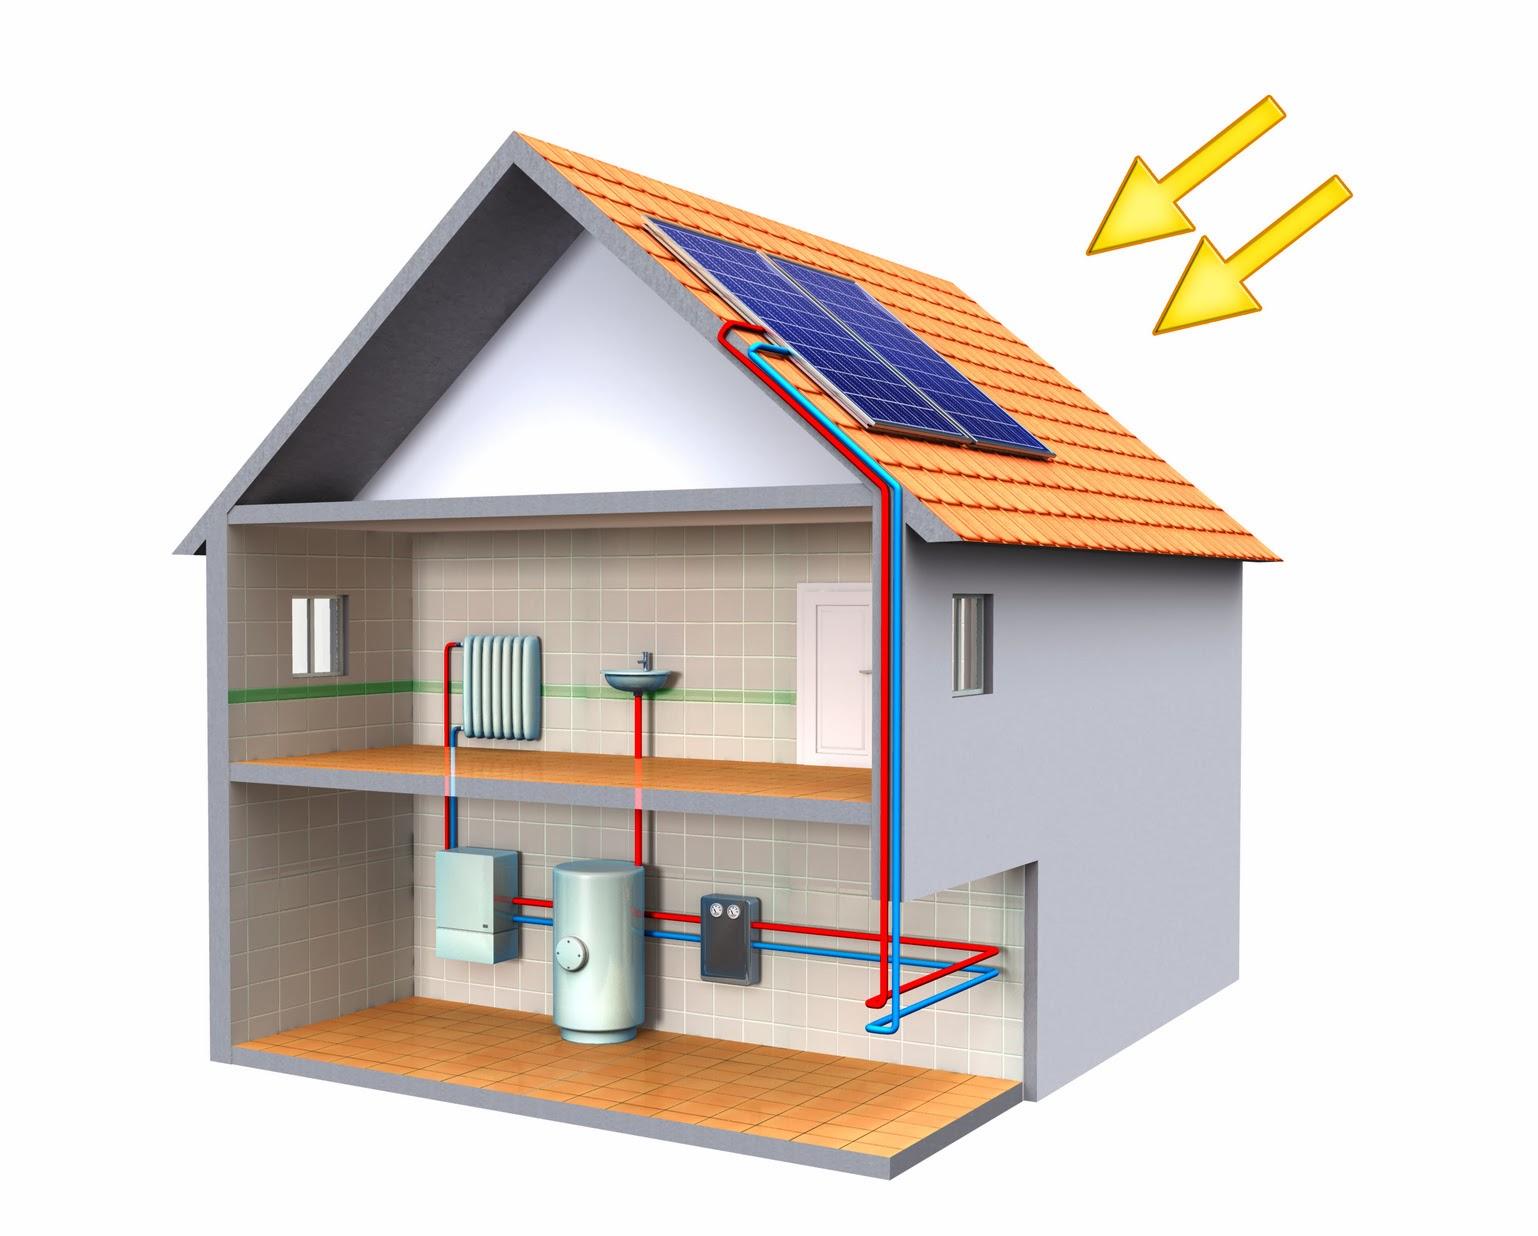 Octobre 2013 blog habitat - Panneau solaire maison ...